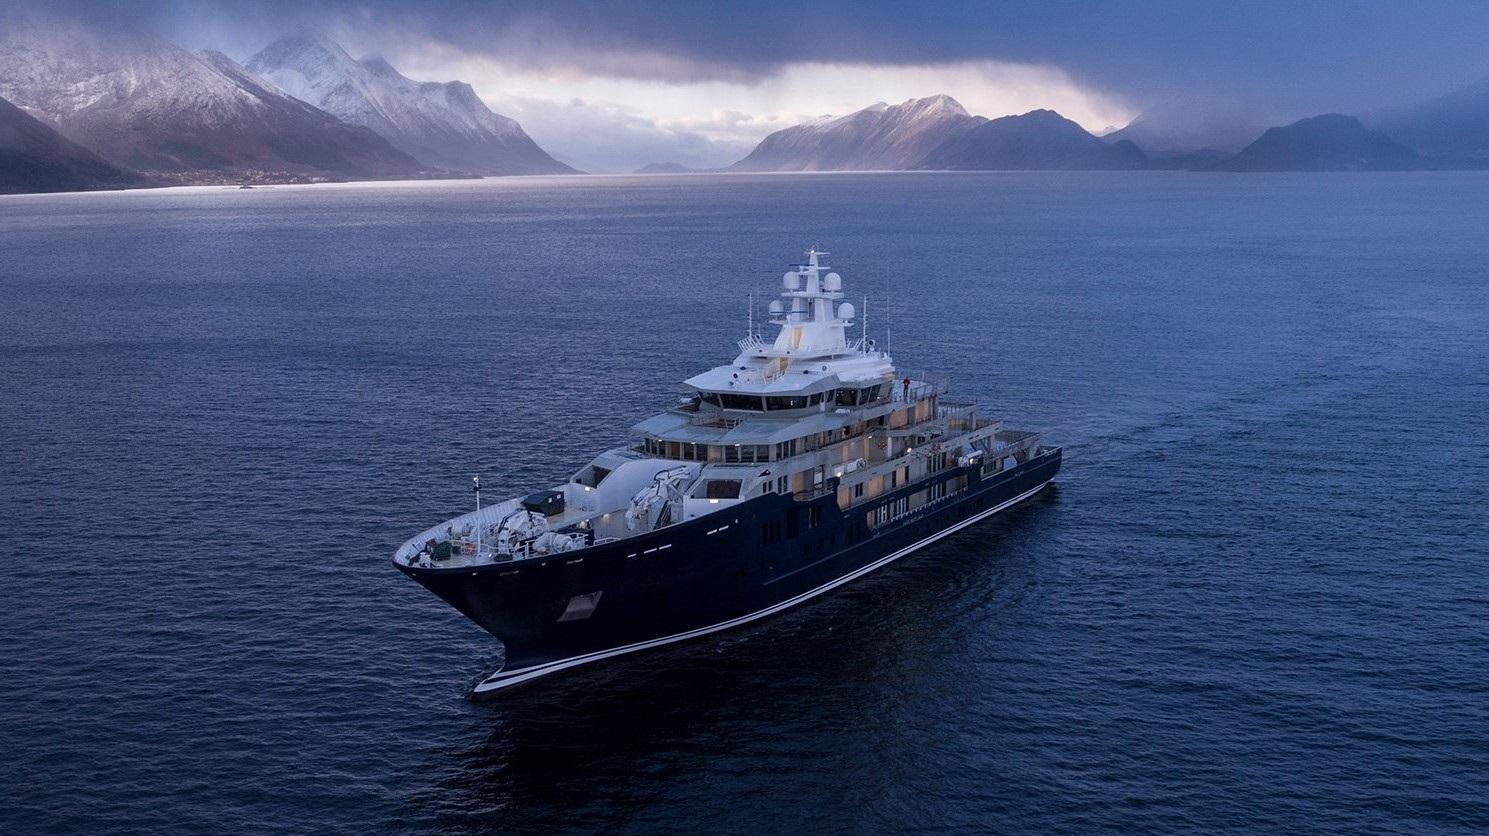 Alquiler de barcos y yates de expedición. Yates de expedición en Ibiza.